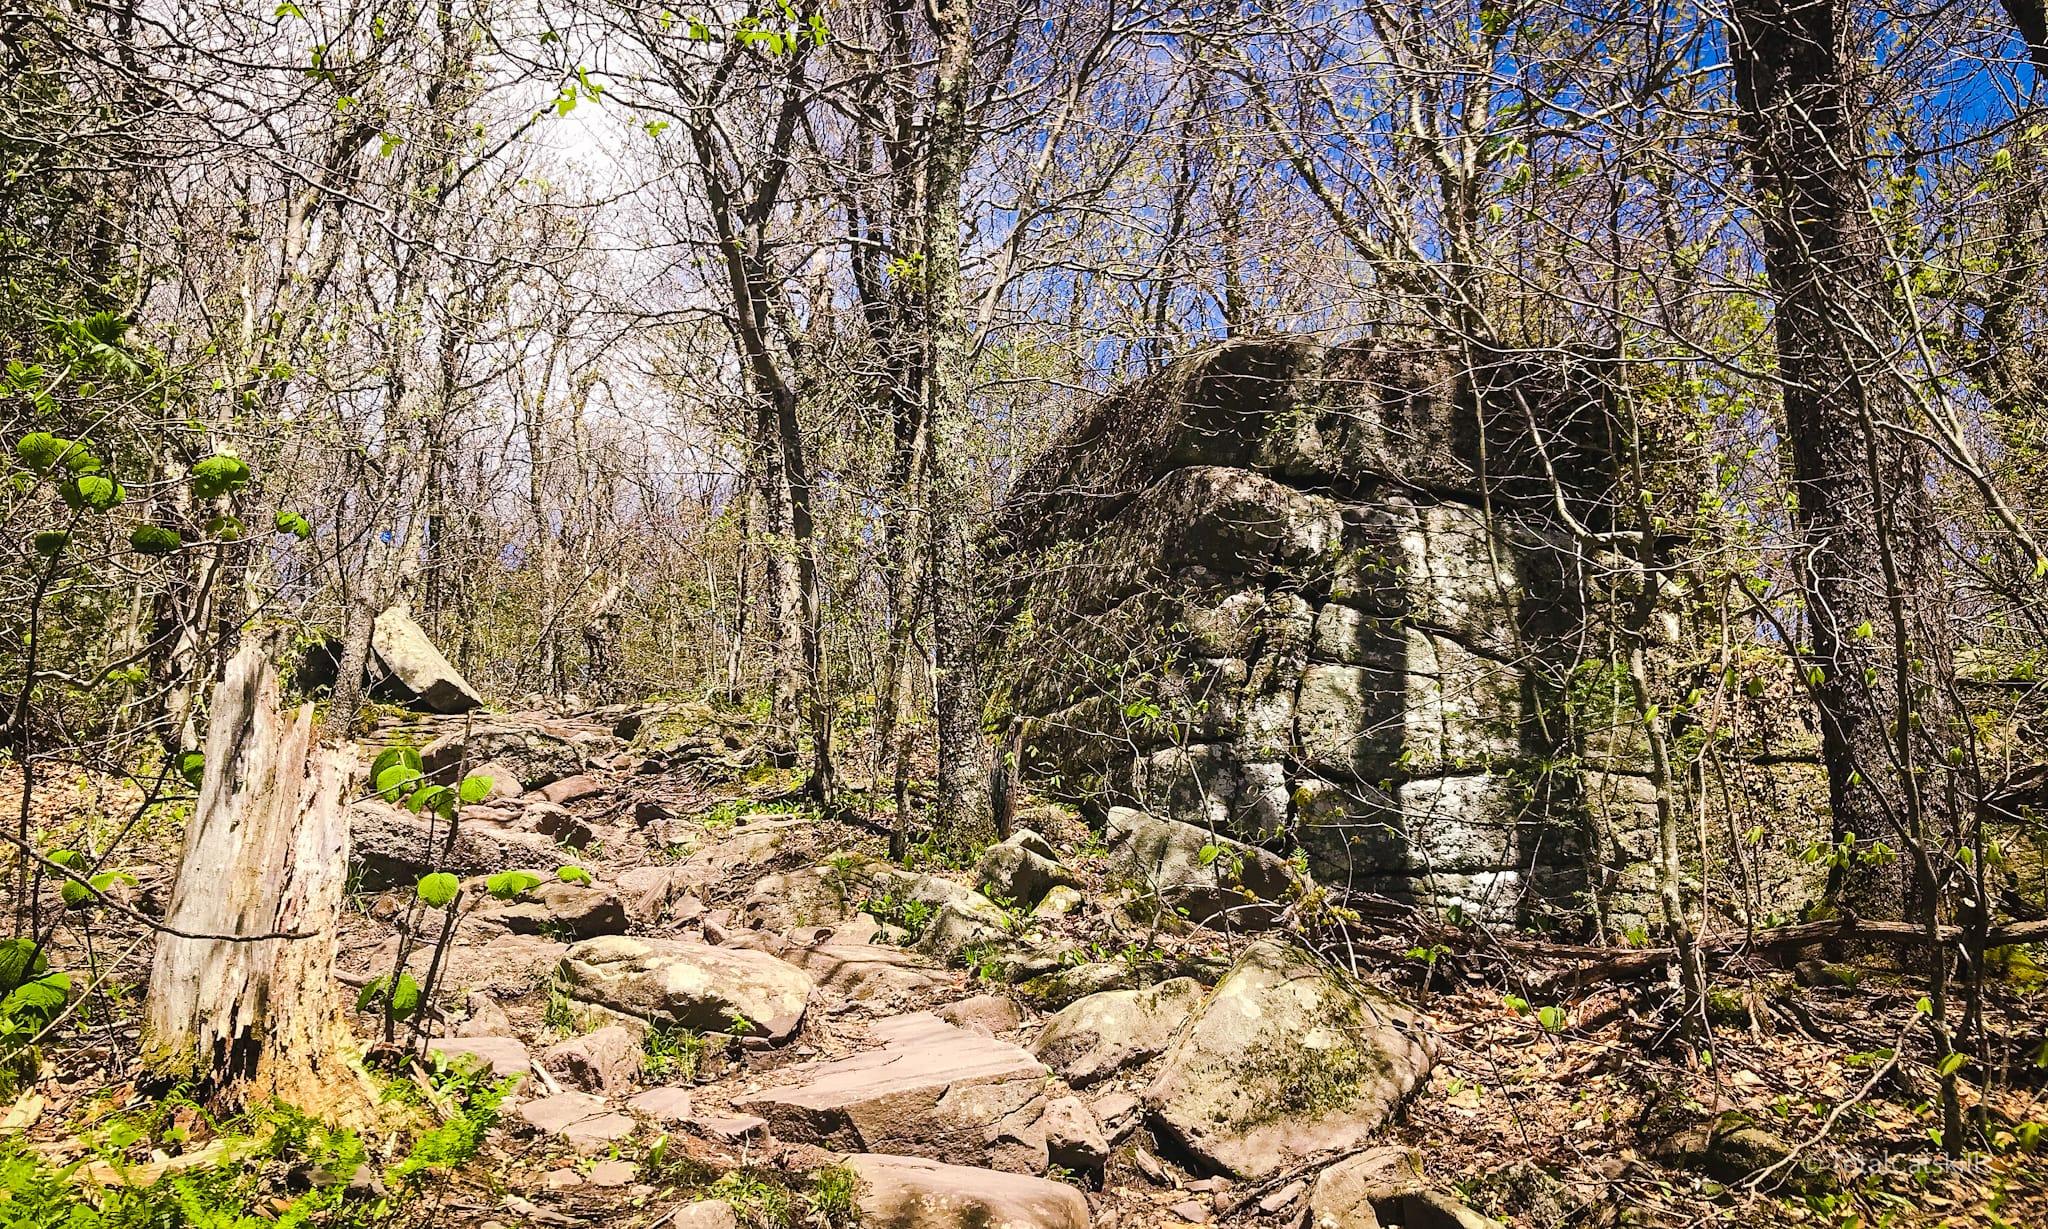 cuboid boulder